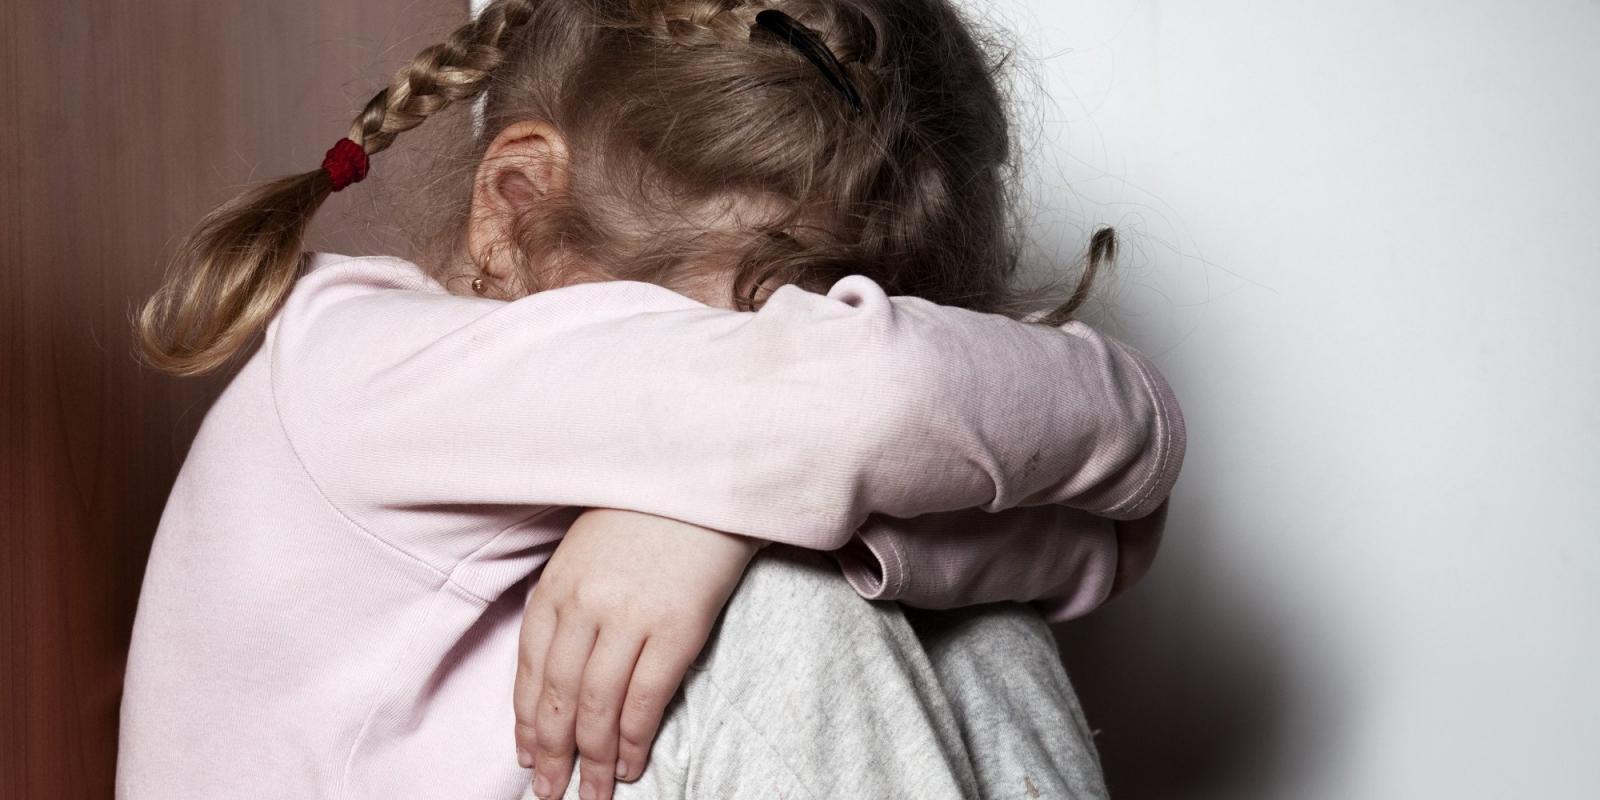 Супругам, обвиняемым в изнасиловании дитя, продлили арест